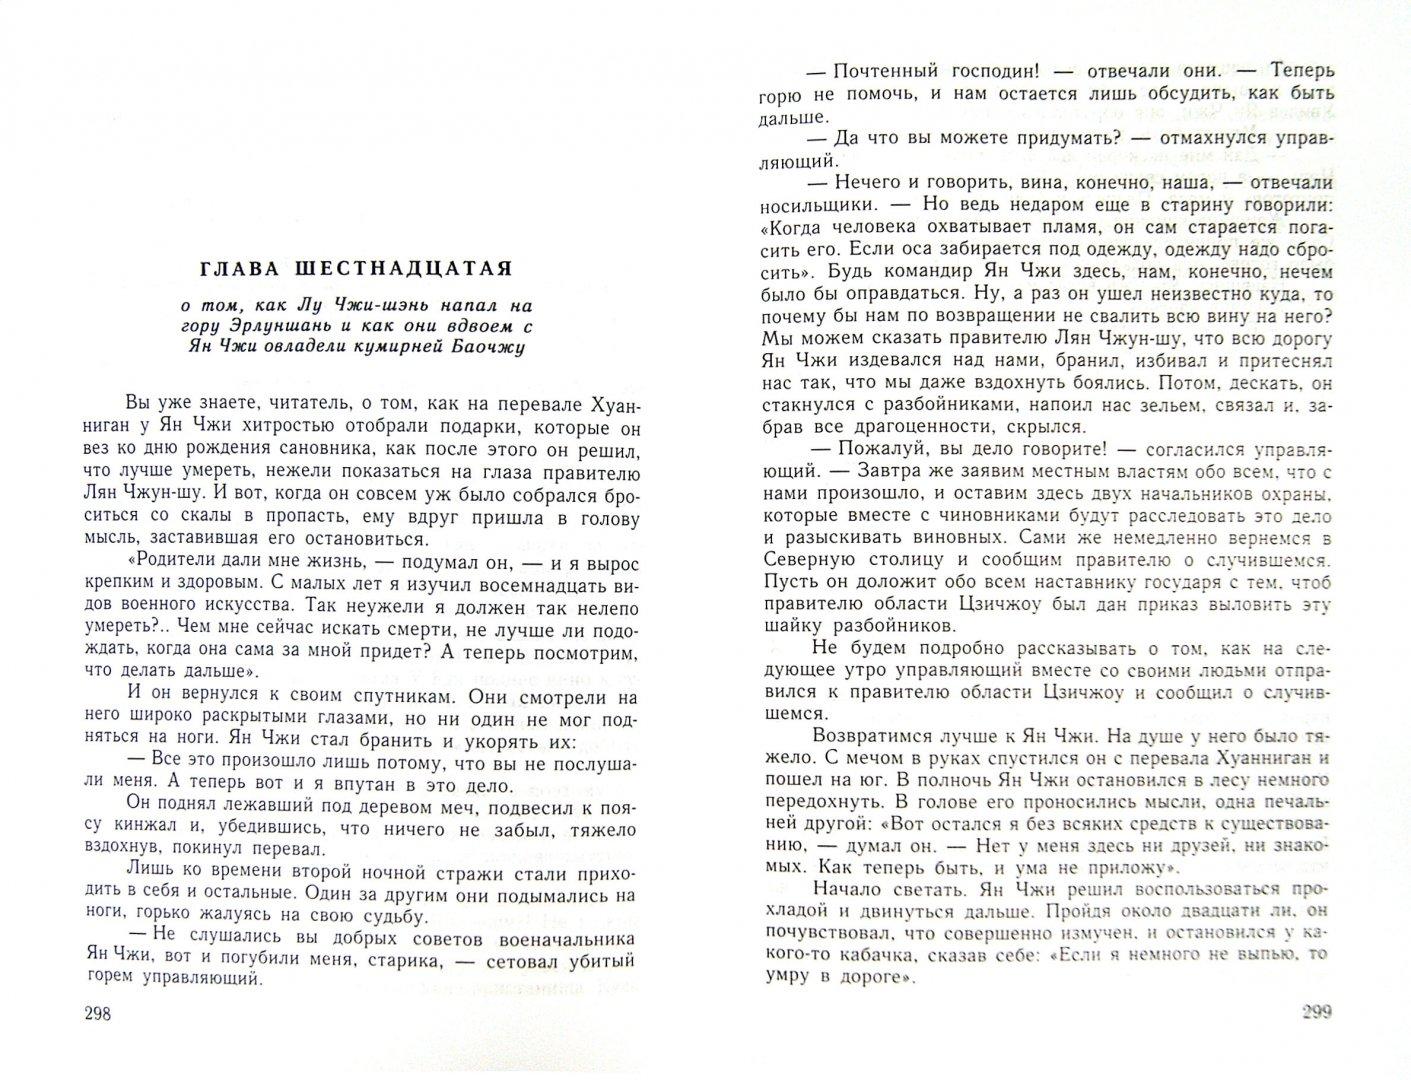 Иллюстрация 1 из 6 для Речные заводи. Том 1. Роман в двух томах - Най-ань Ши   Лабиринт - книги. Источник: Лабиринт